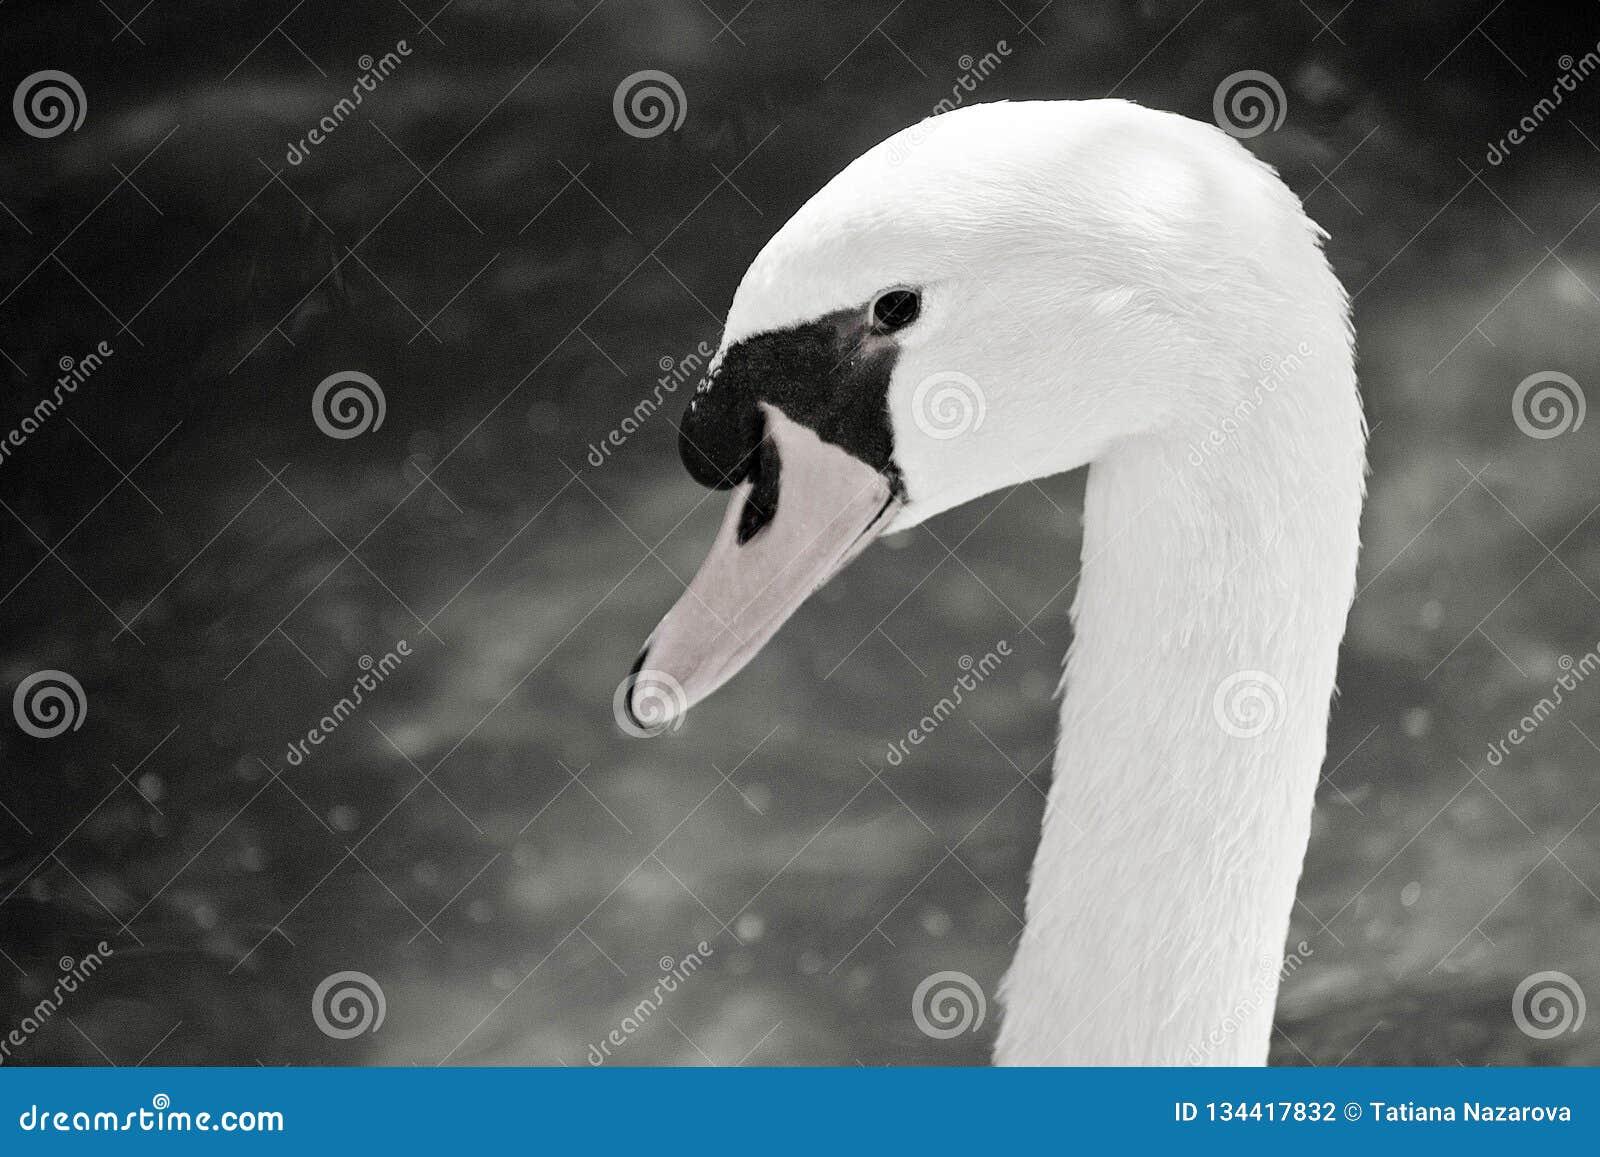 Zwaan hoofd zwart-witte foto